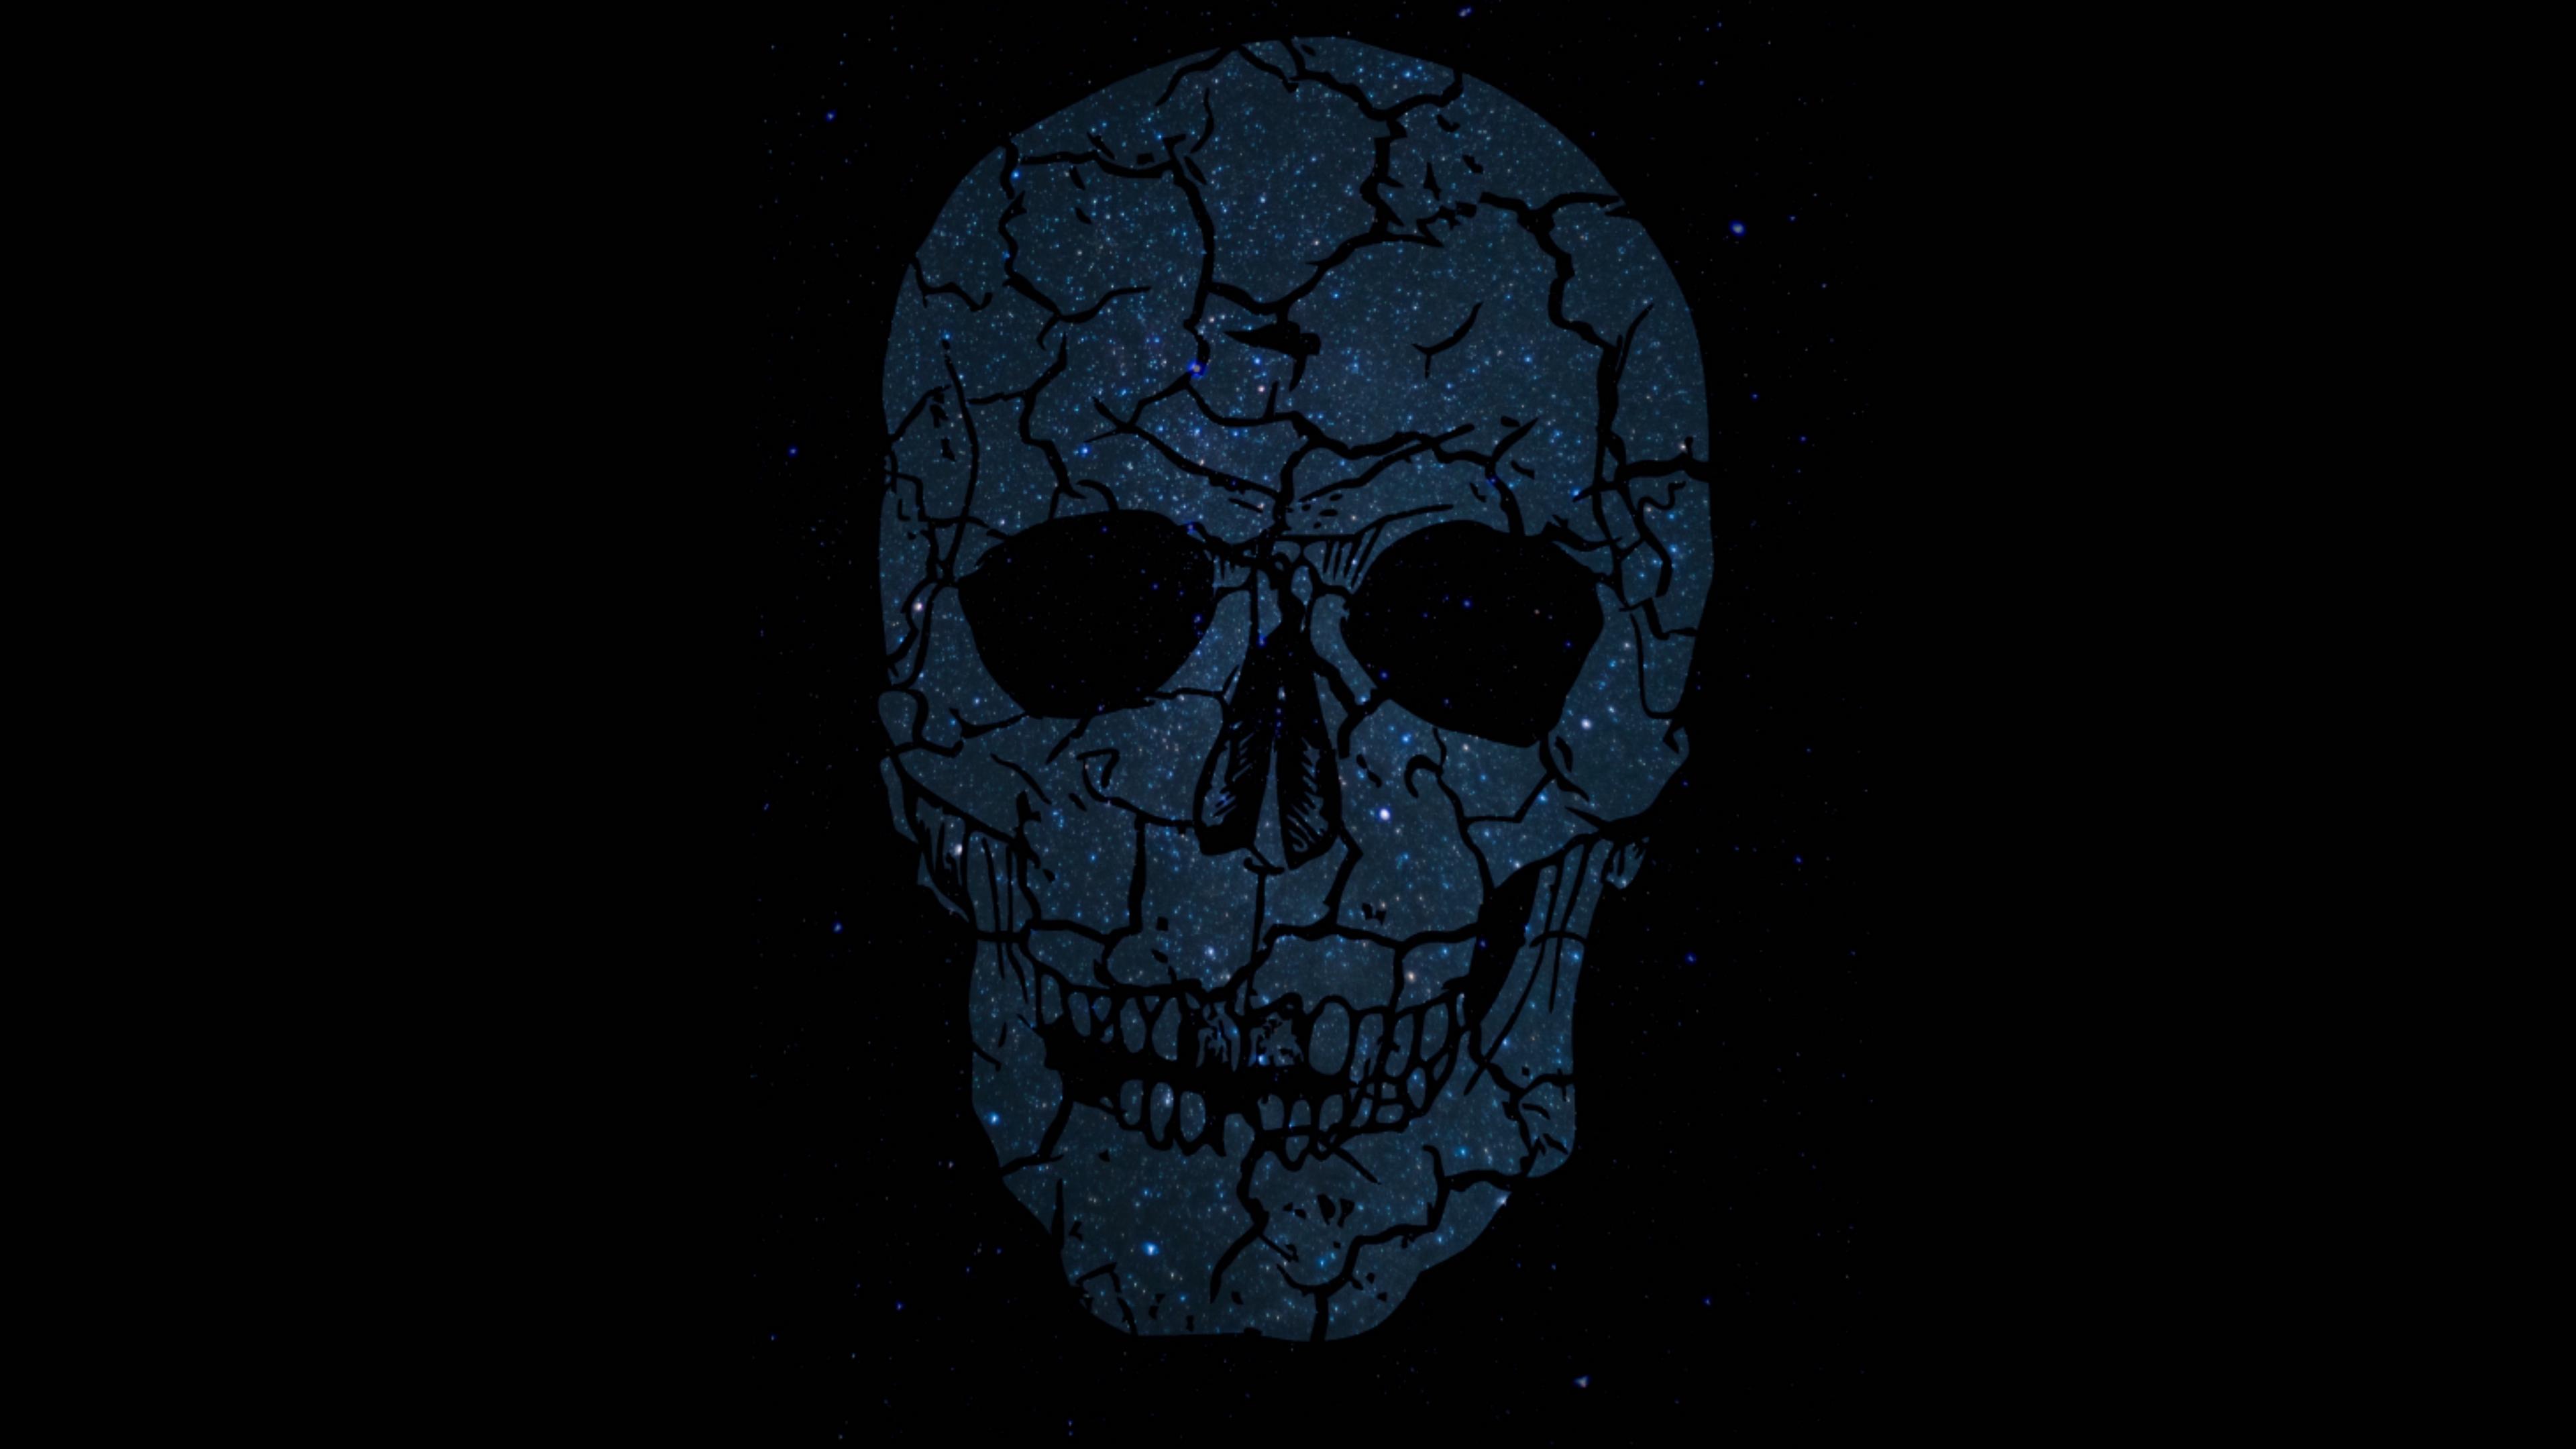 Wallpaper 4k Skull Shine Cracks Skeleton Dark 4k Cracks